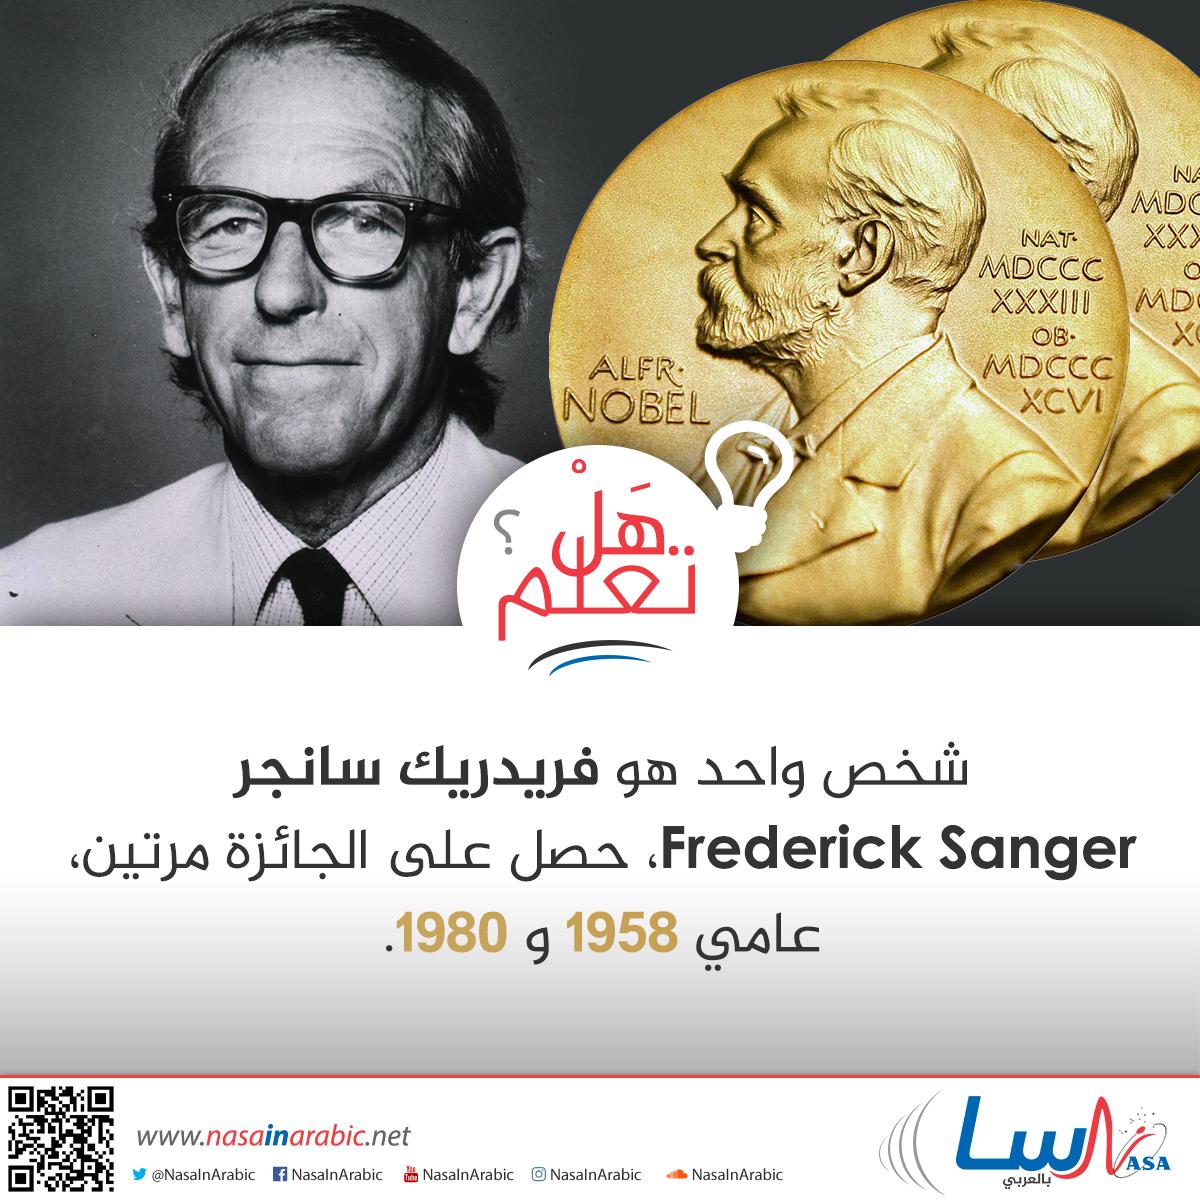 الحاصل على جائزة نوبل في الكيمياء مرتين